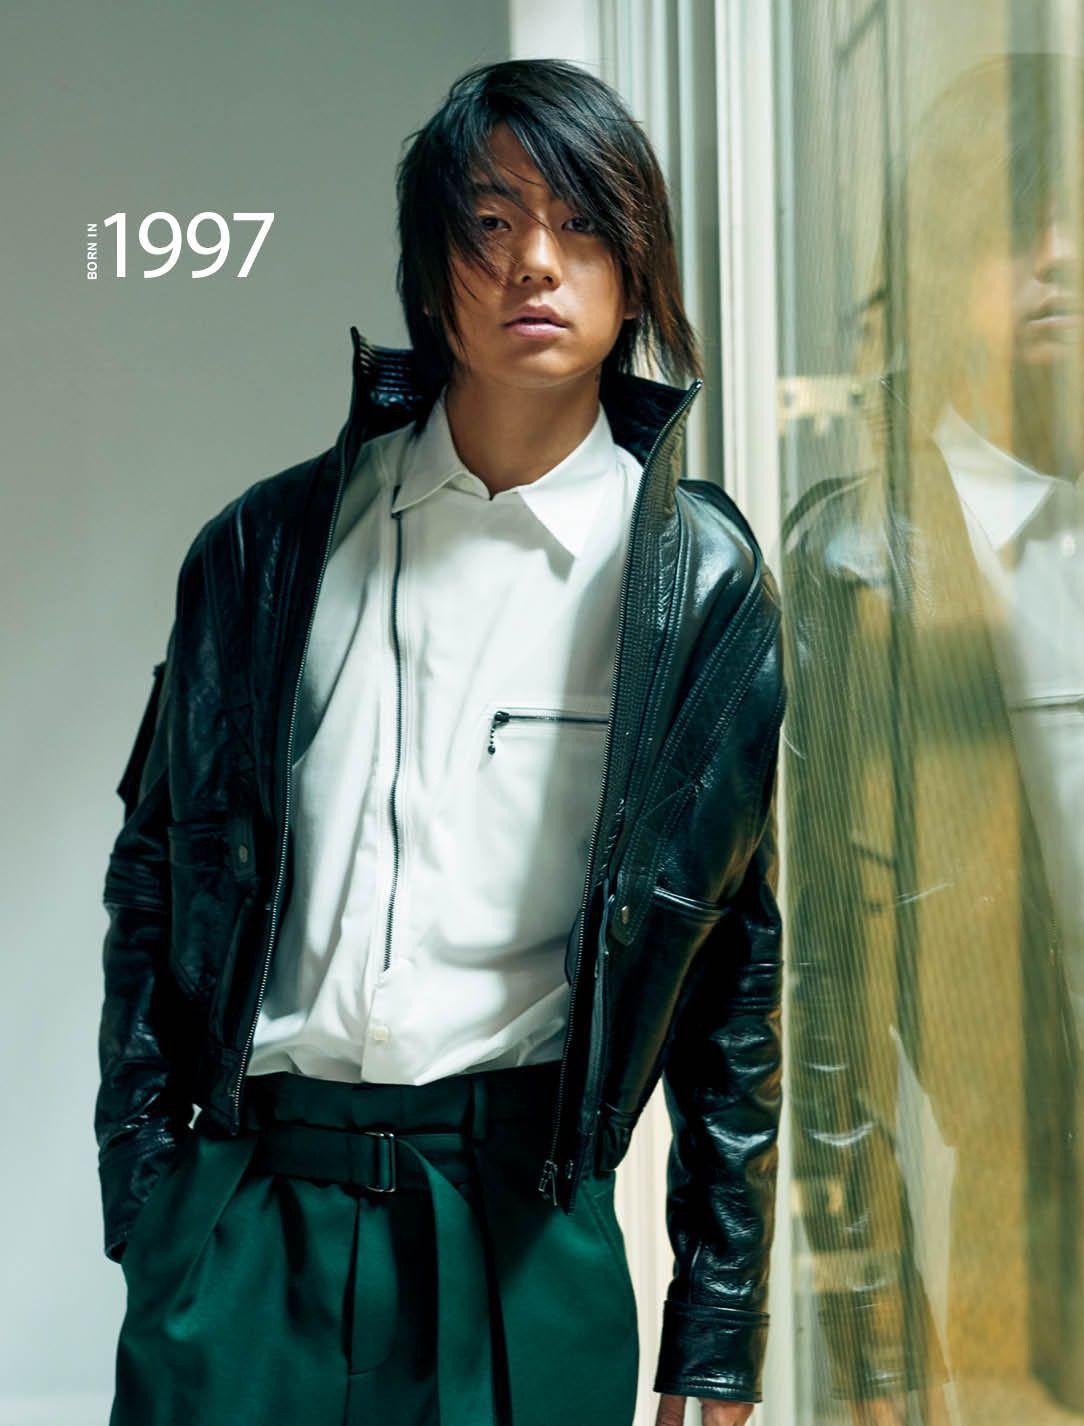 伊藤健太郎 高い演技力の大型新人 俳優 健太郎 俳優 伊藤